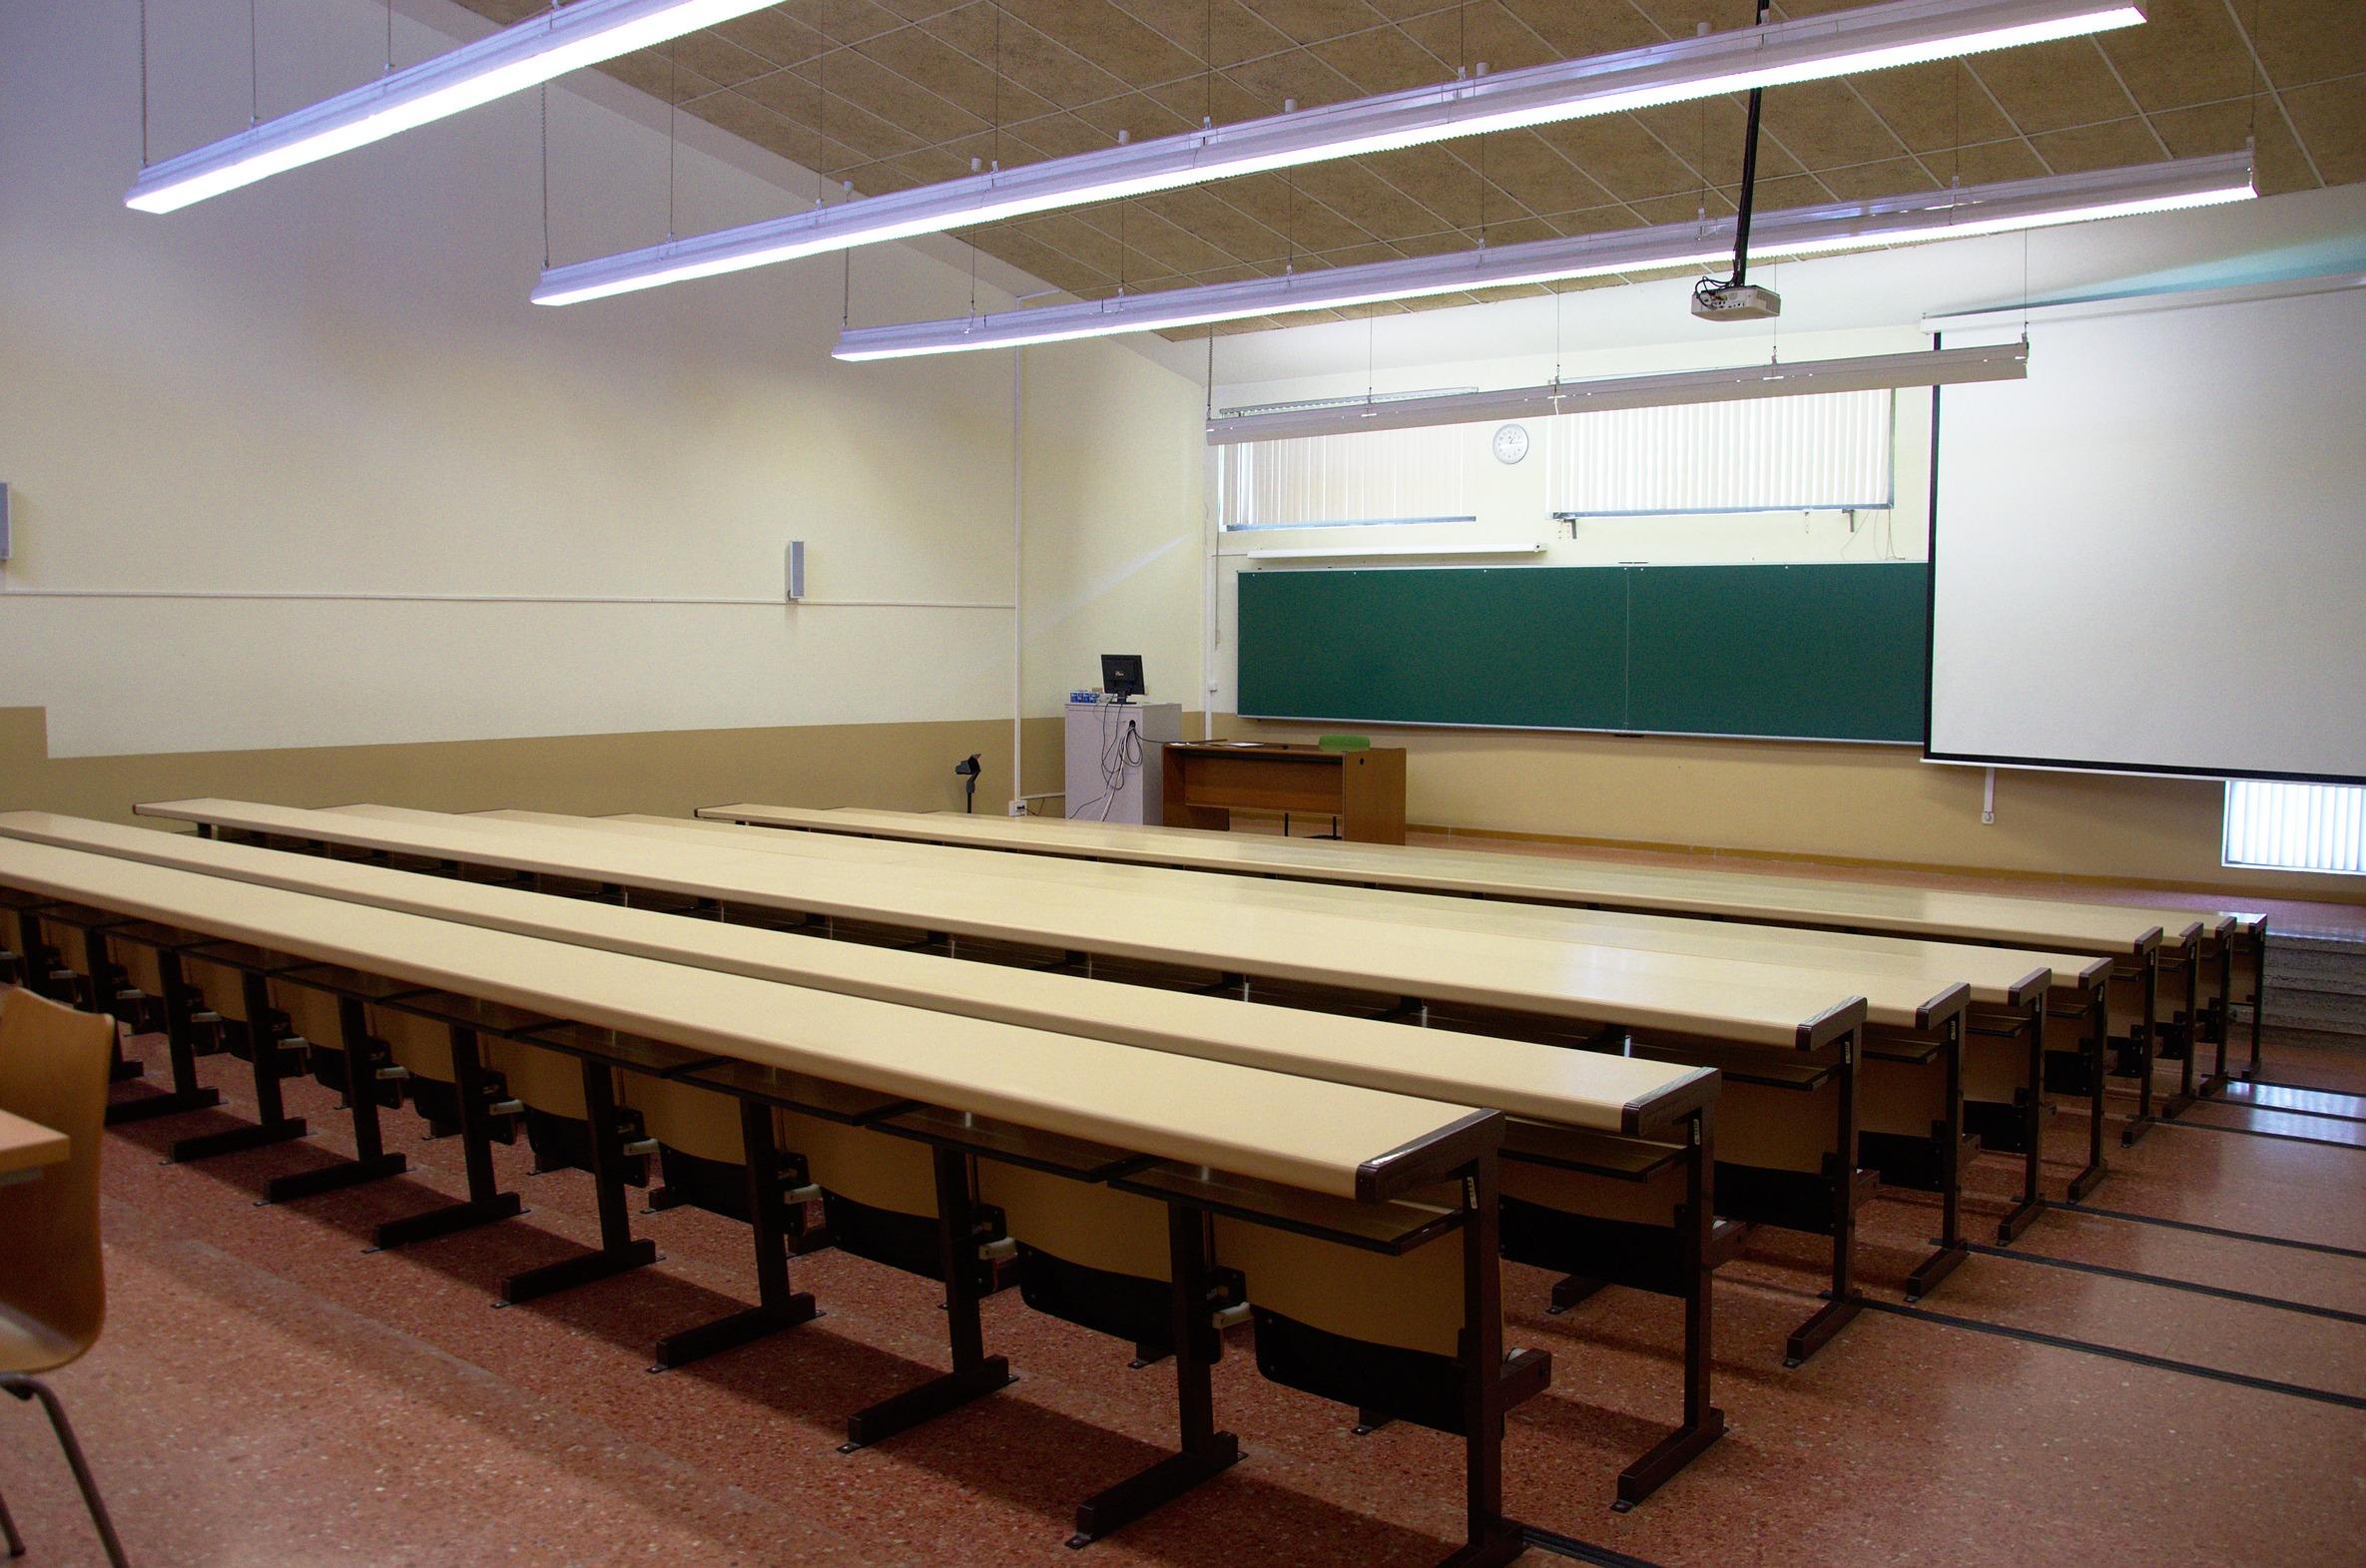 Reserva de espacios de la Universidad de Oviedo Espacios disponibles #261A11 2370x1571